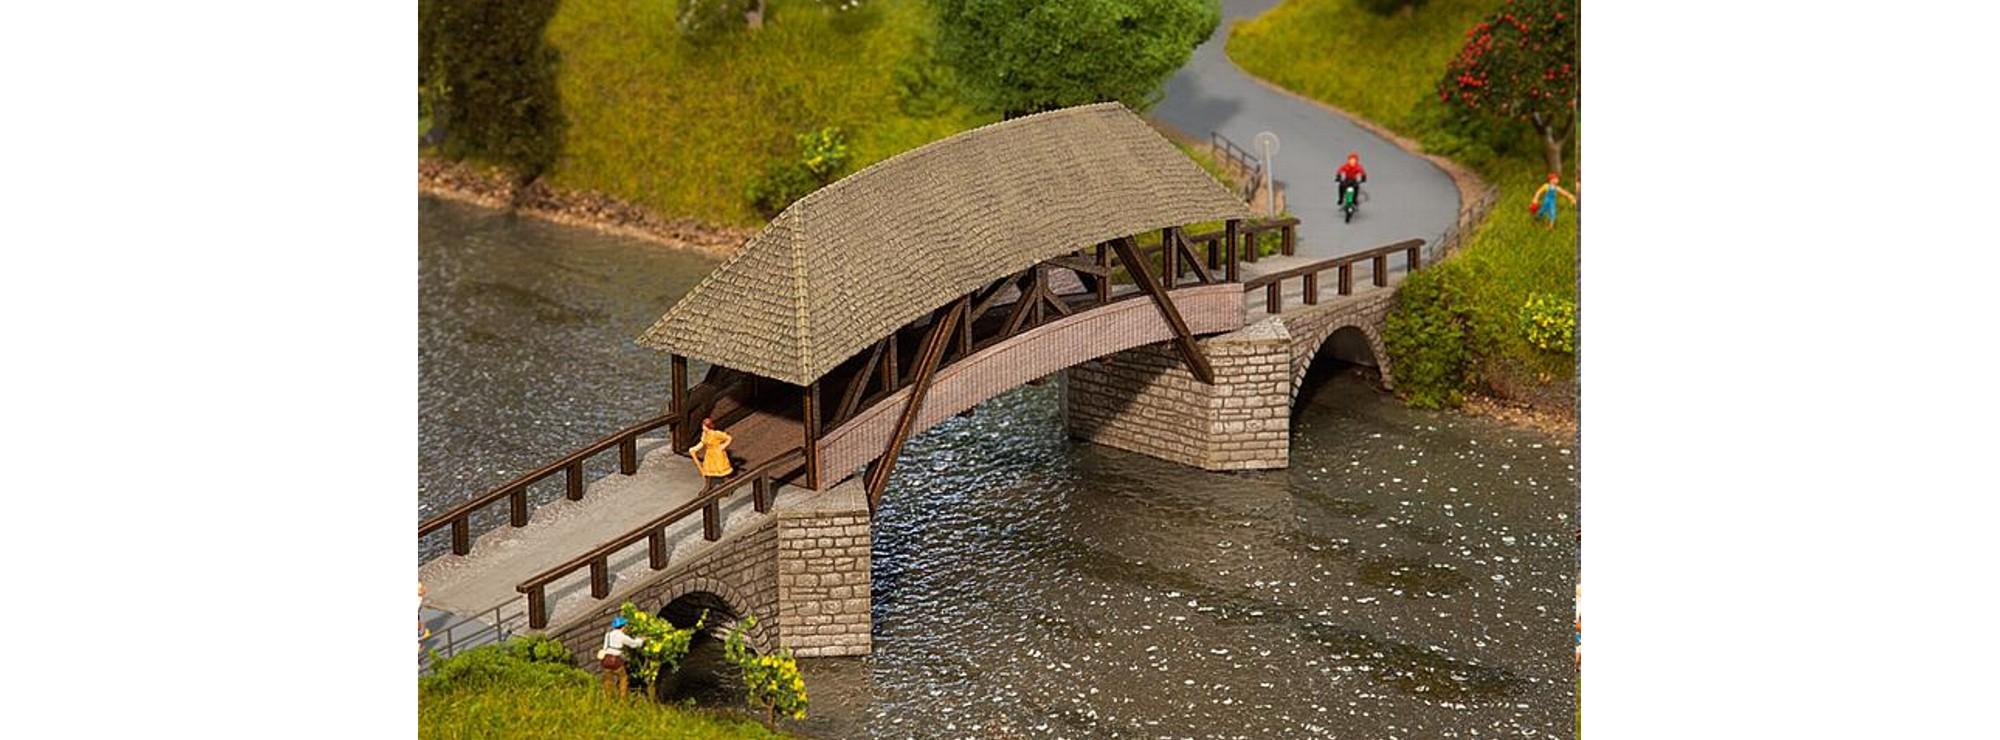 FALLER 120494 Alte Holzbrücke Bausatz H0